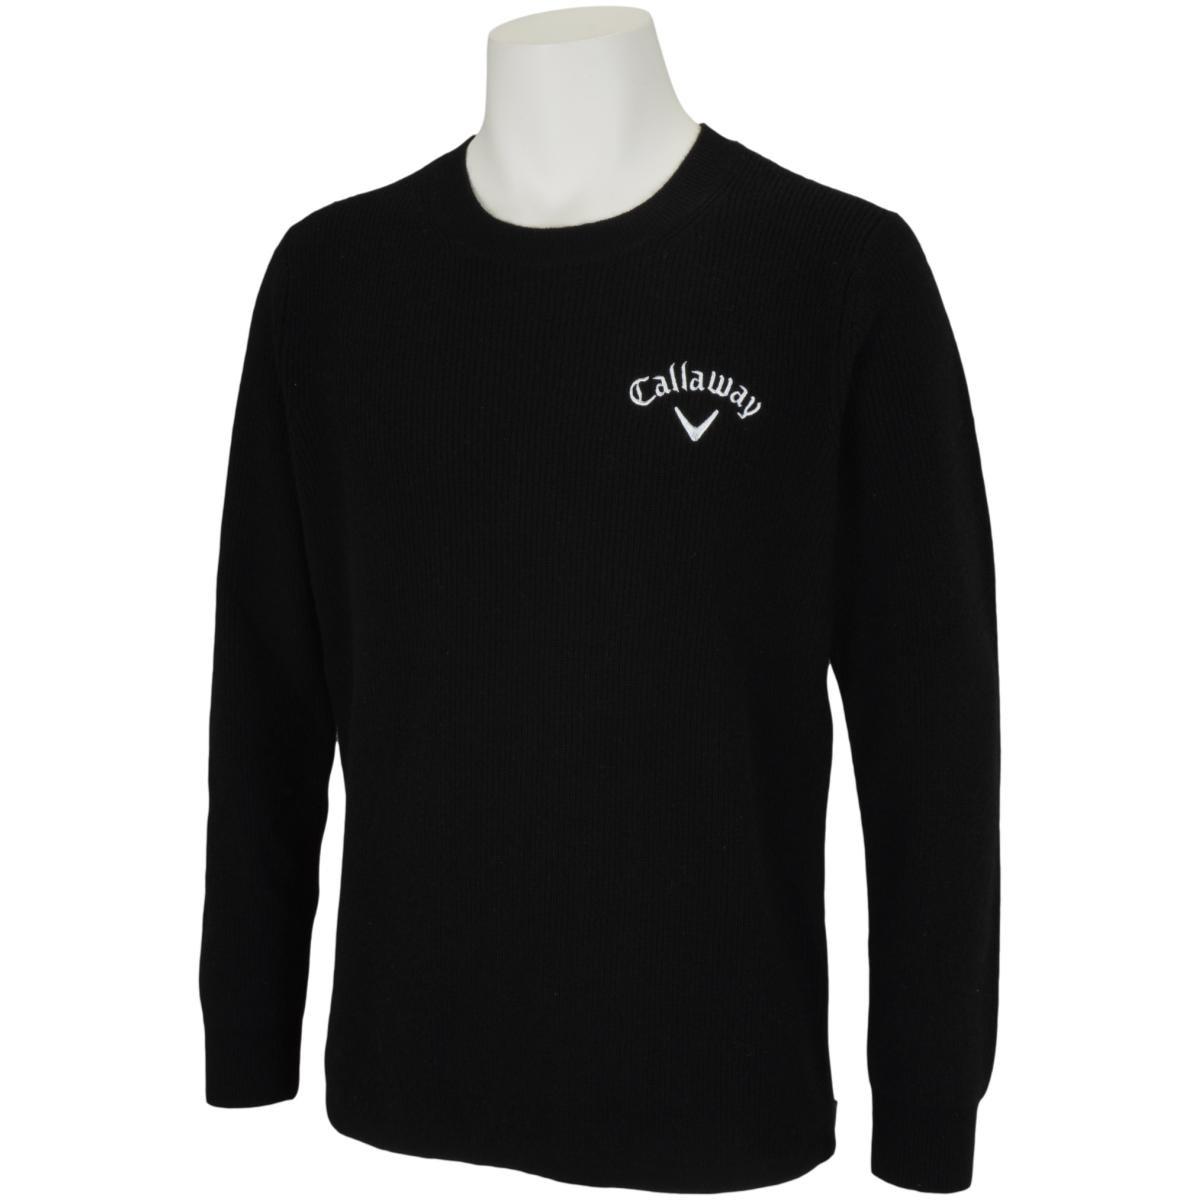 キャロウェイゴルフ(Callaway Golf) セーター